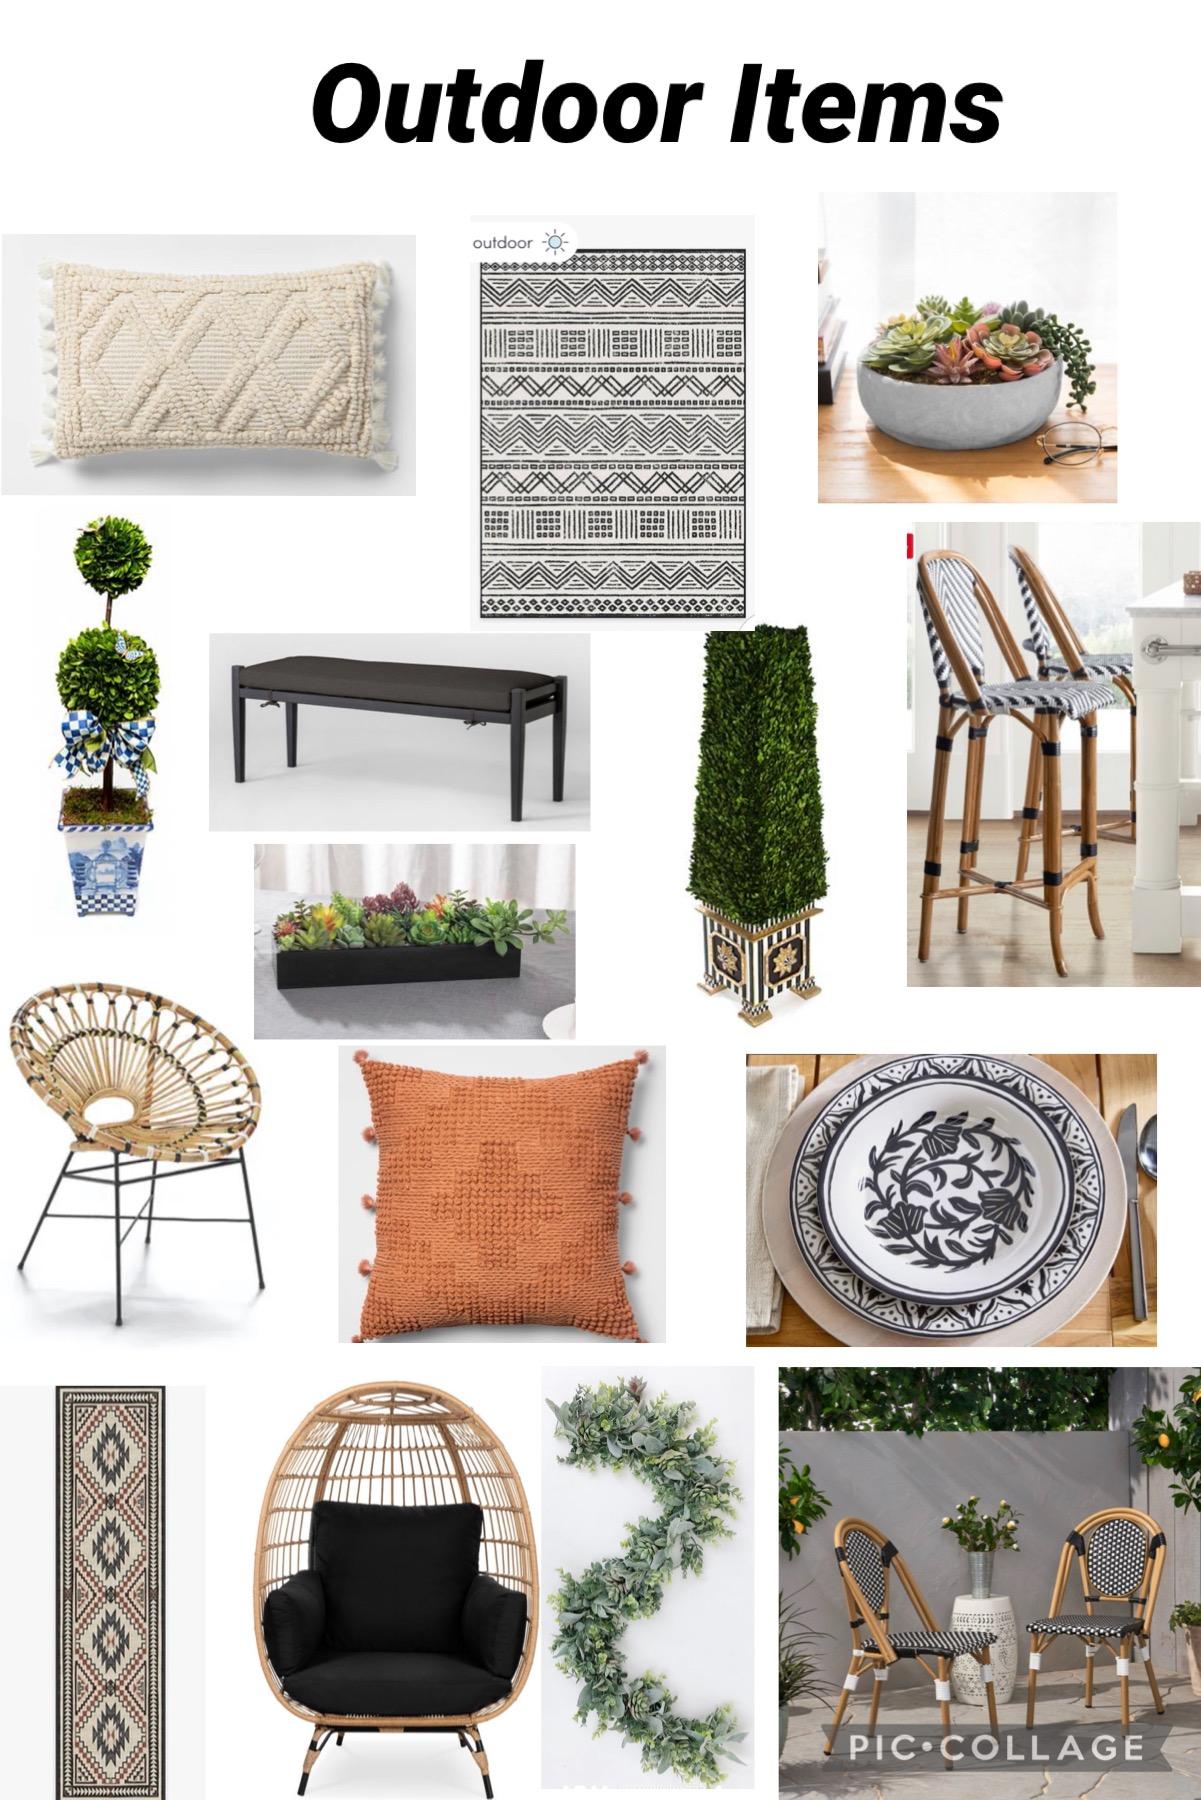 outdoor decor, summer decor, outdoor rug, ruggable, outdoor furniture, mom blogger, home style, patio decor, patio, outdoor ideas, deck decor, hanging planter